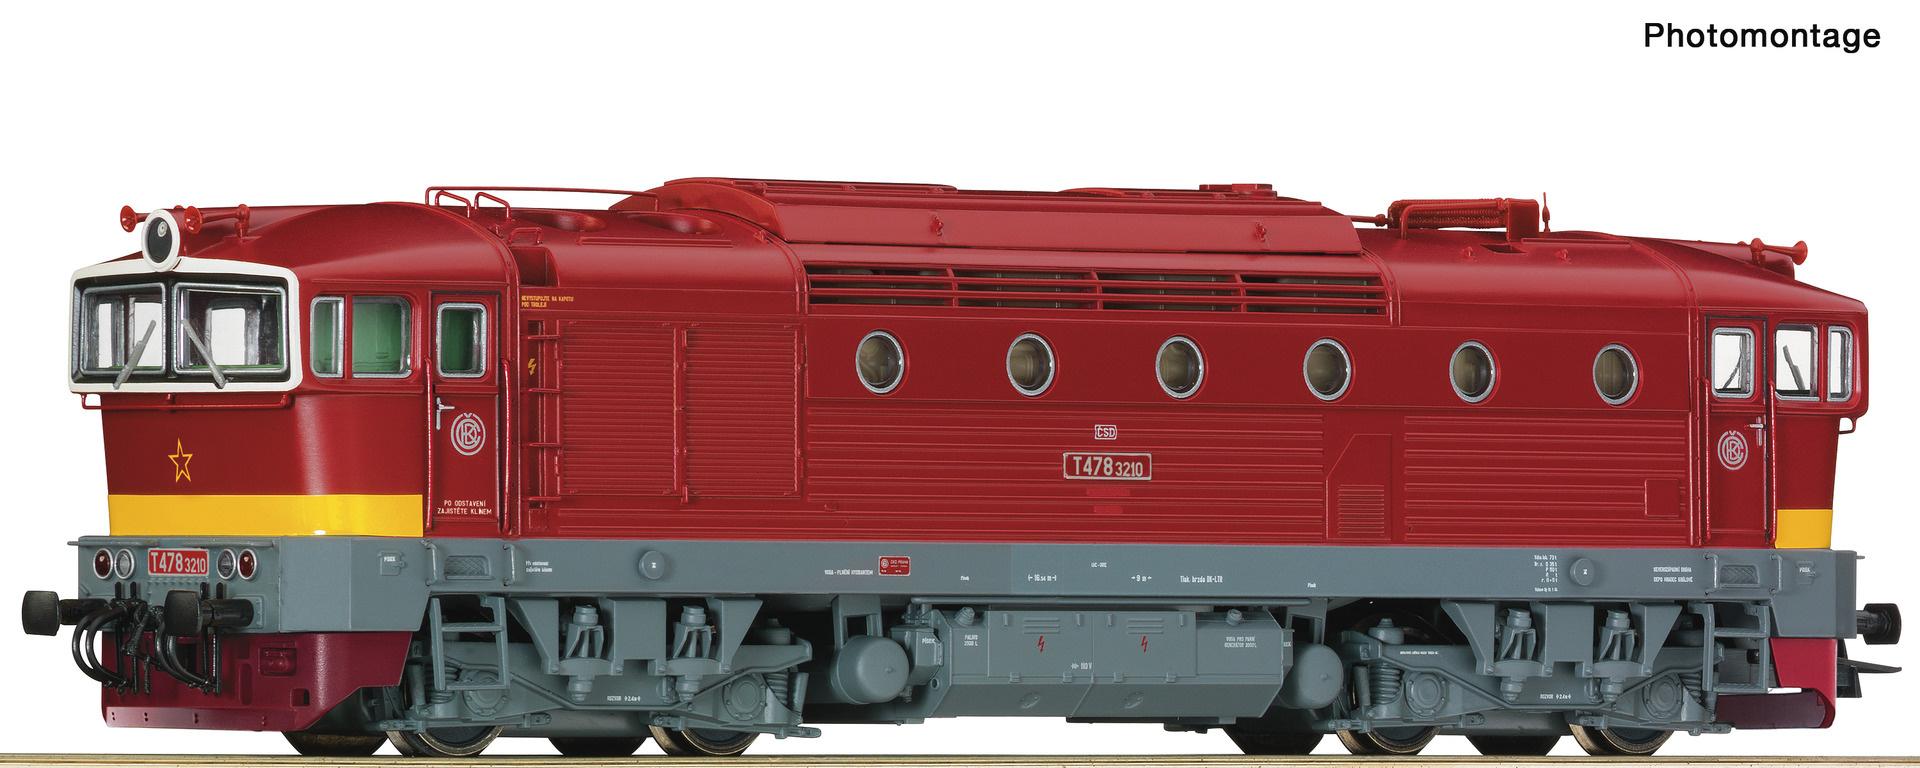 72947 Diesellok T478 CSD Snd.-1